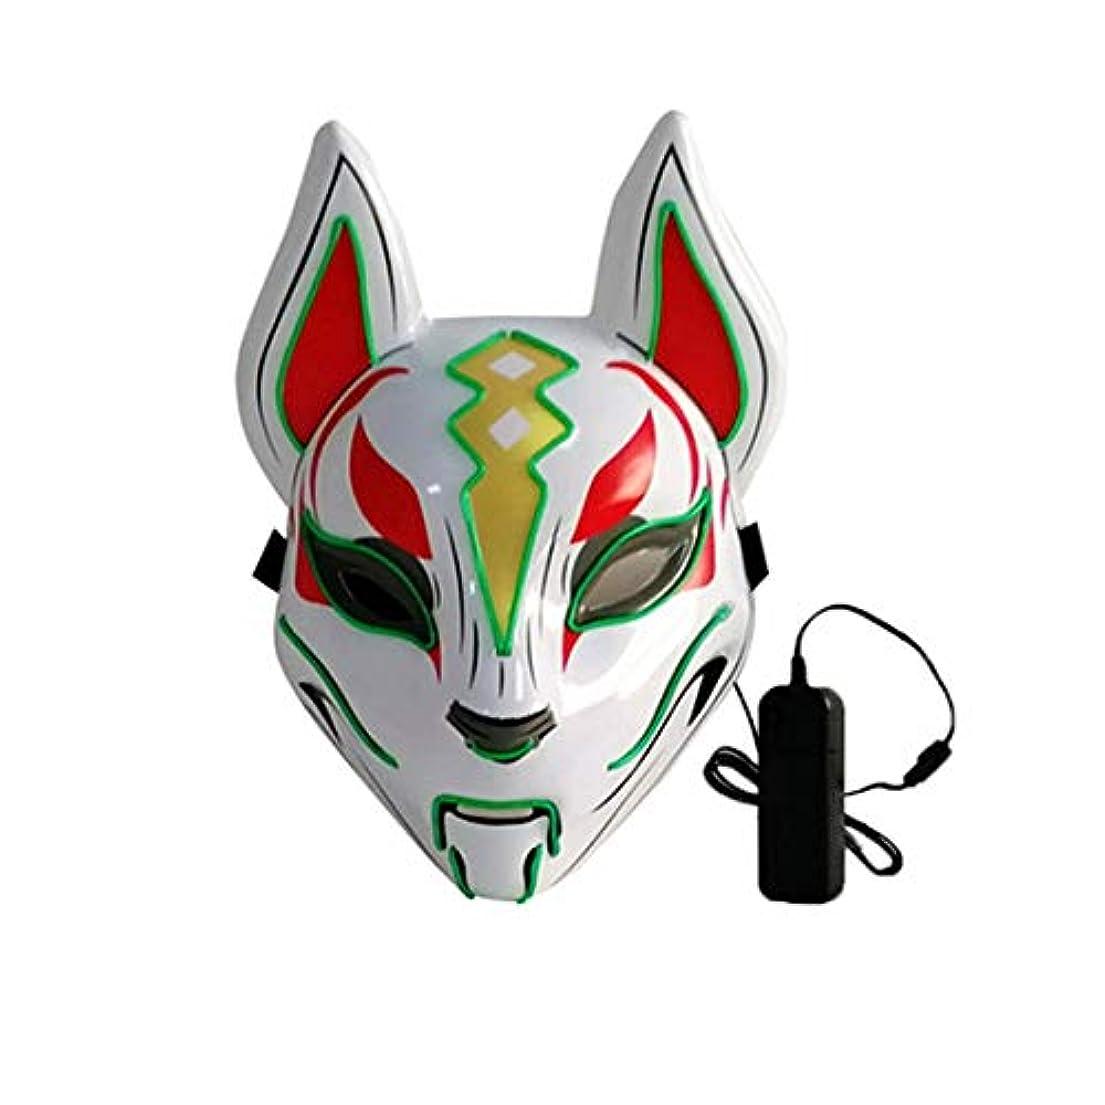 直感合意巡礼者輝くマスクフォックスハロウィーンパーティー猫顔Ledカーニバルナイトマスク顔ショープロのファッションマスク